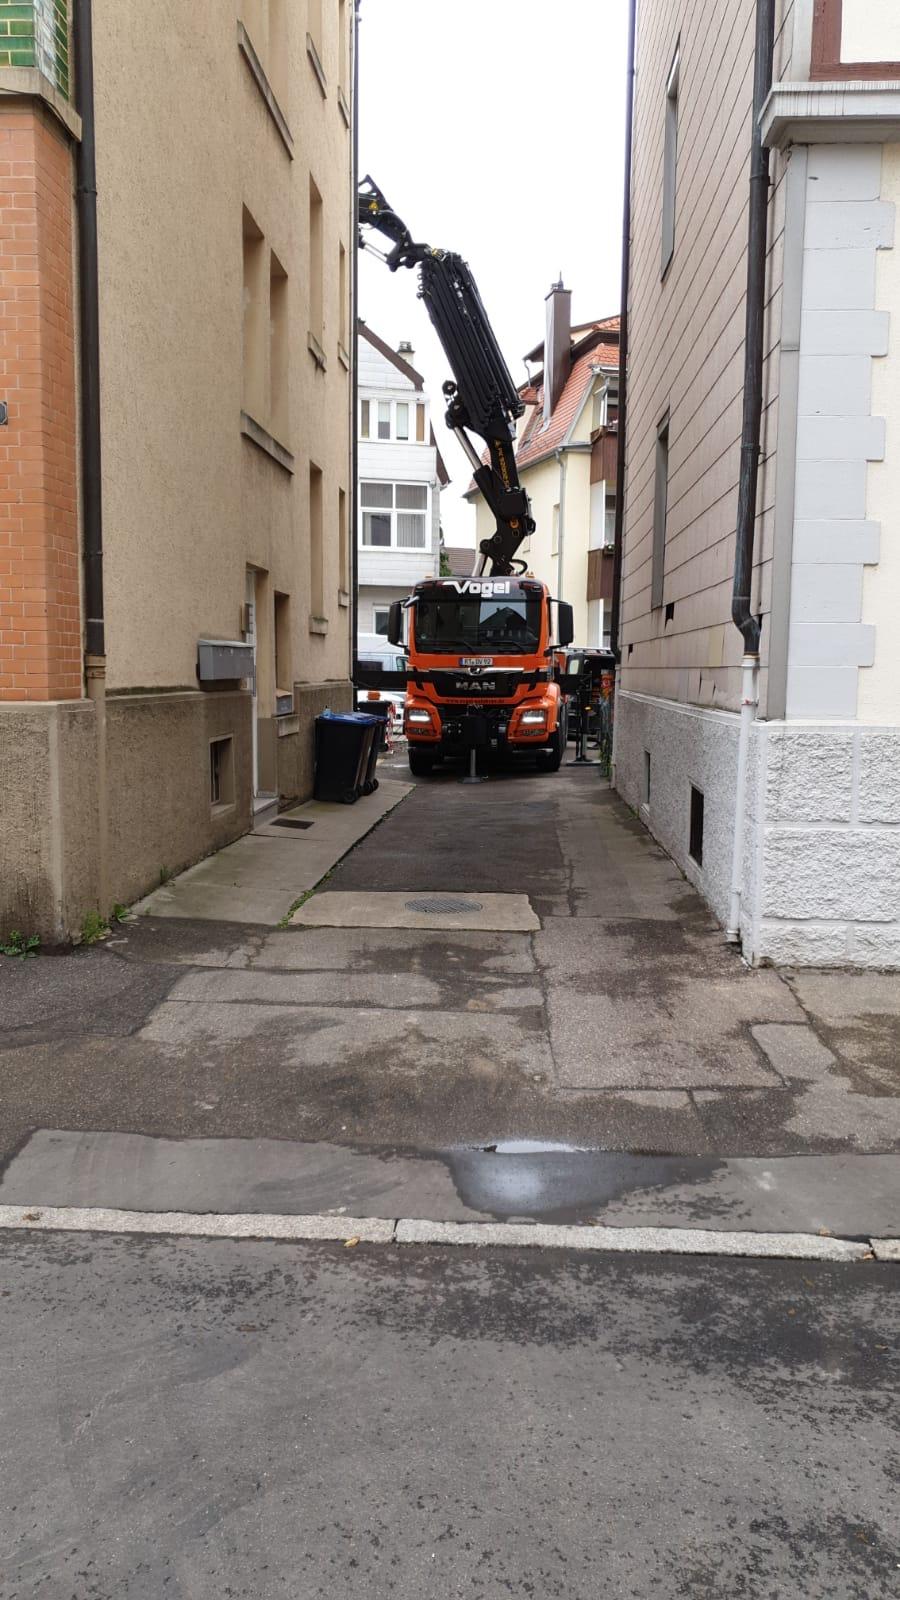 MAN Lastwagen mit Palfinger Ladekran im Einsatz